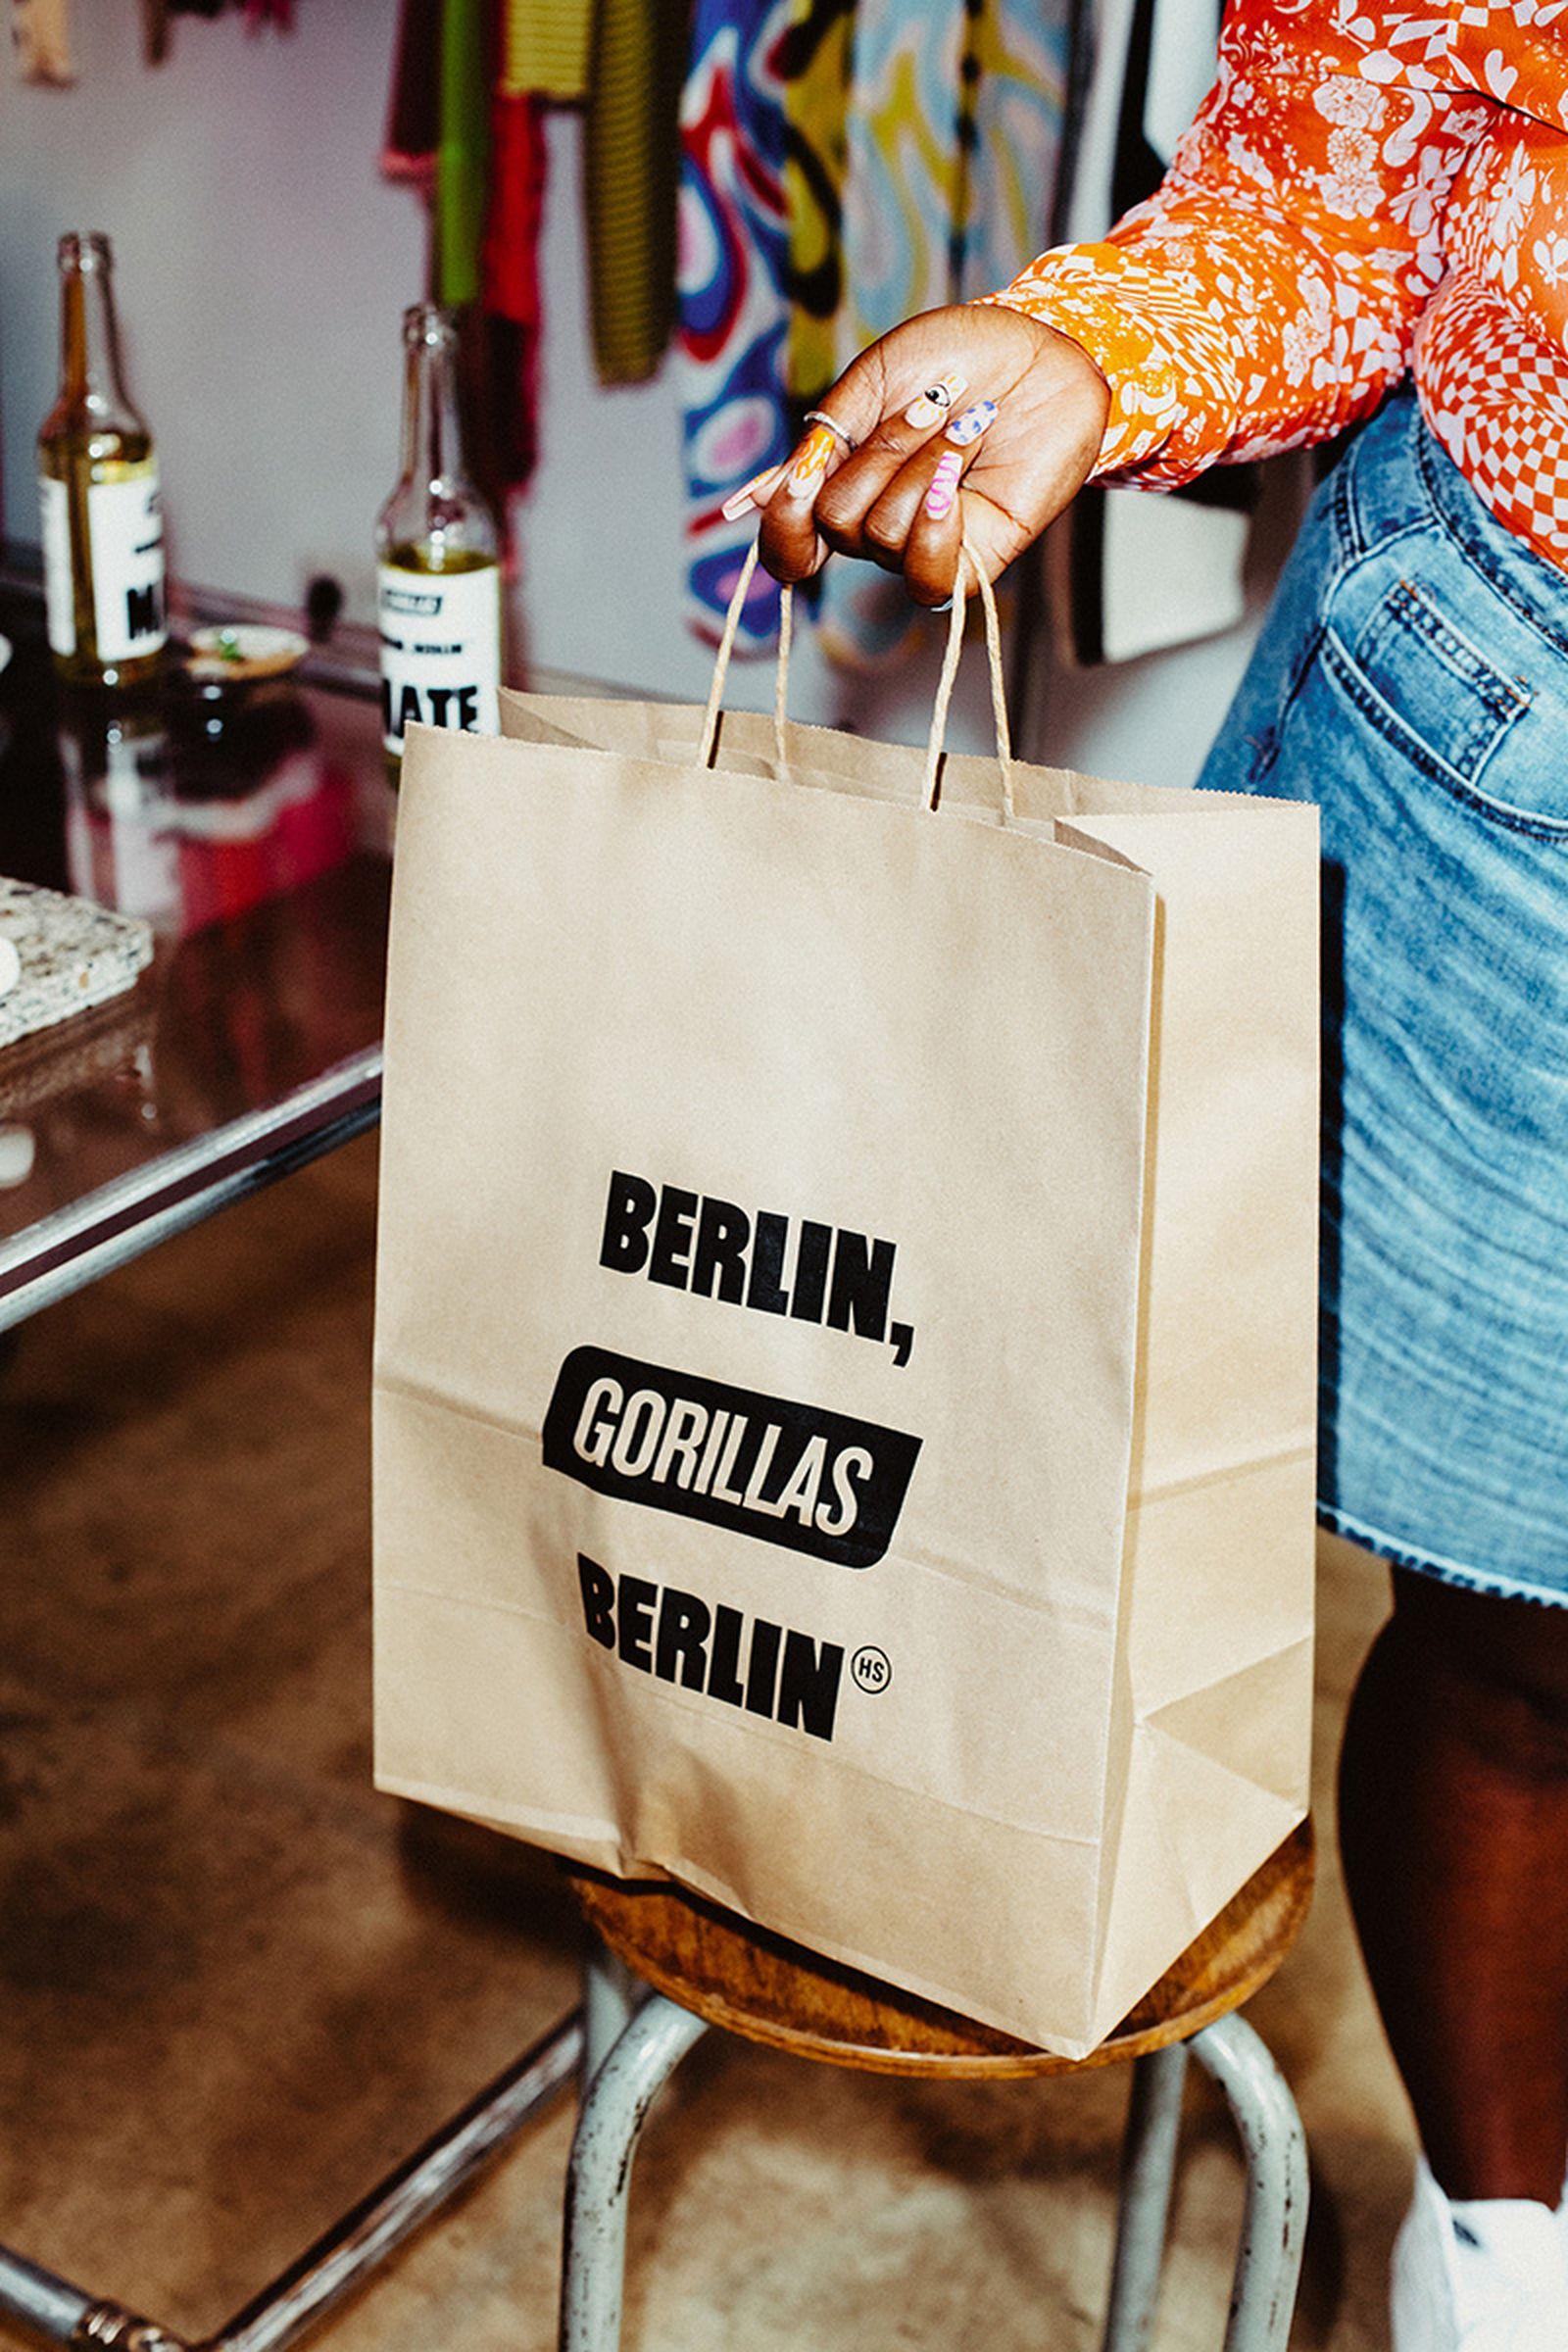 gorillas-dinner-berlin-talent-07